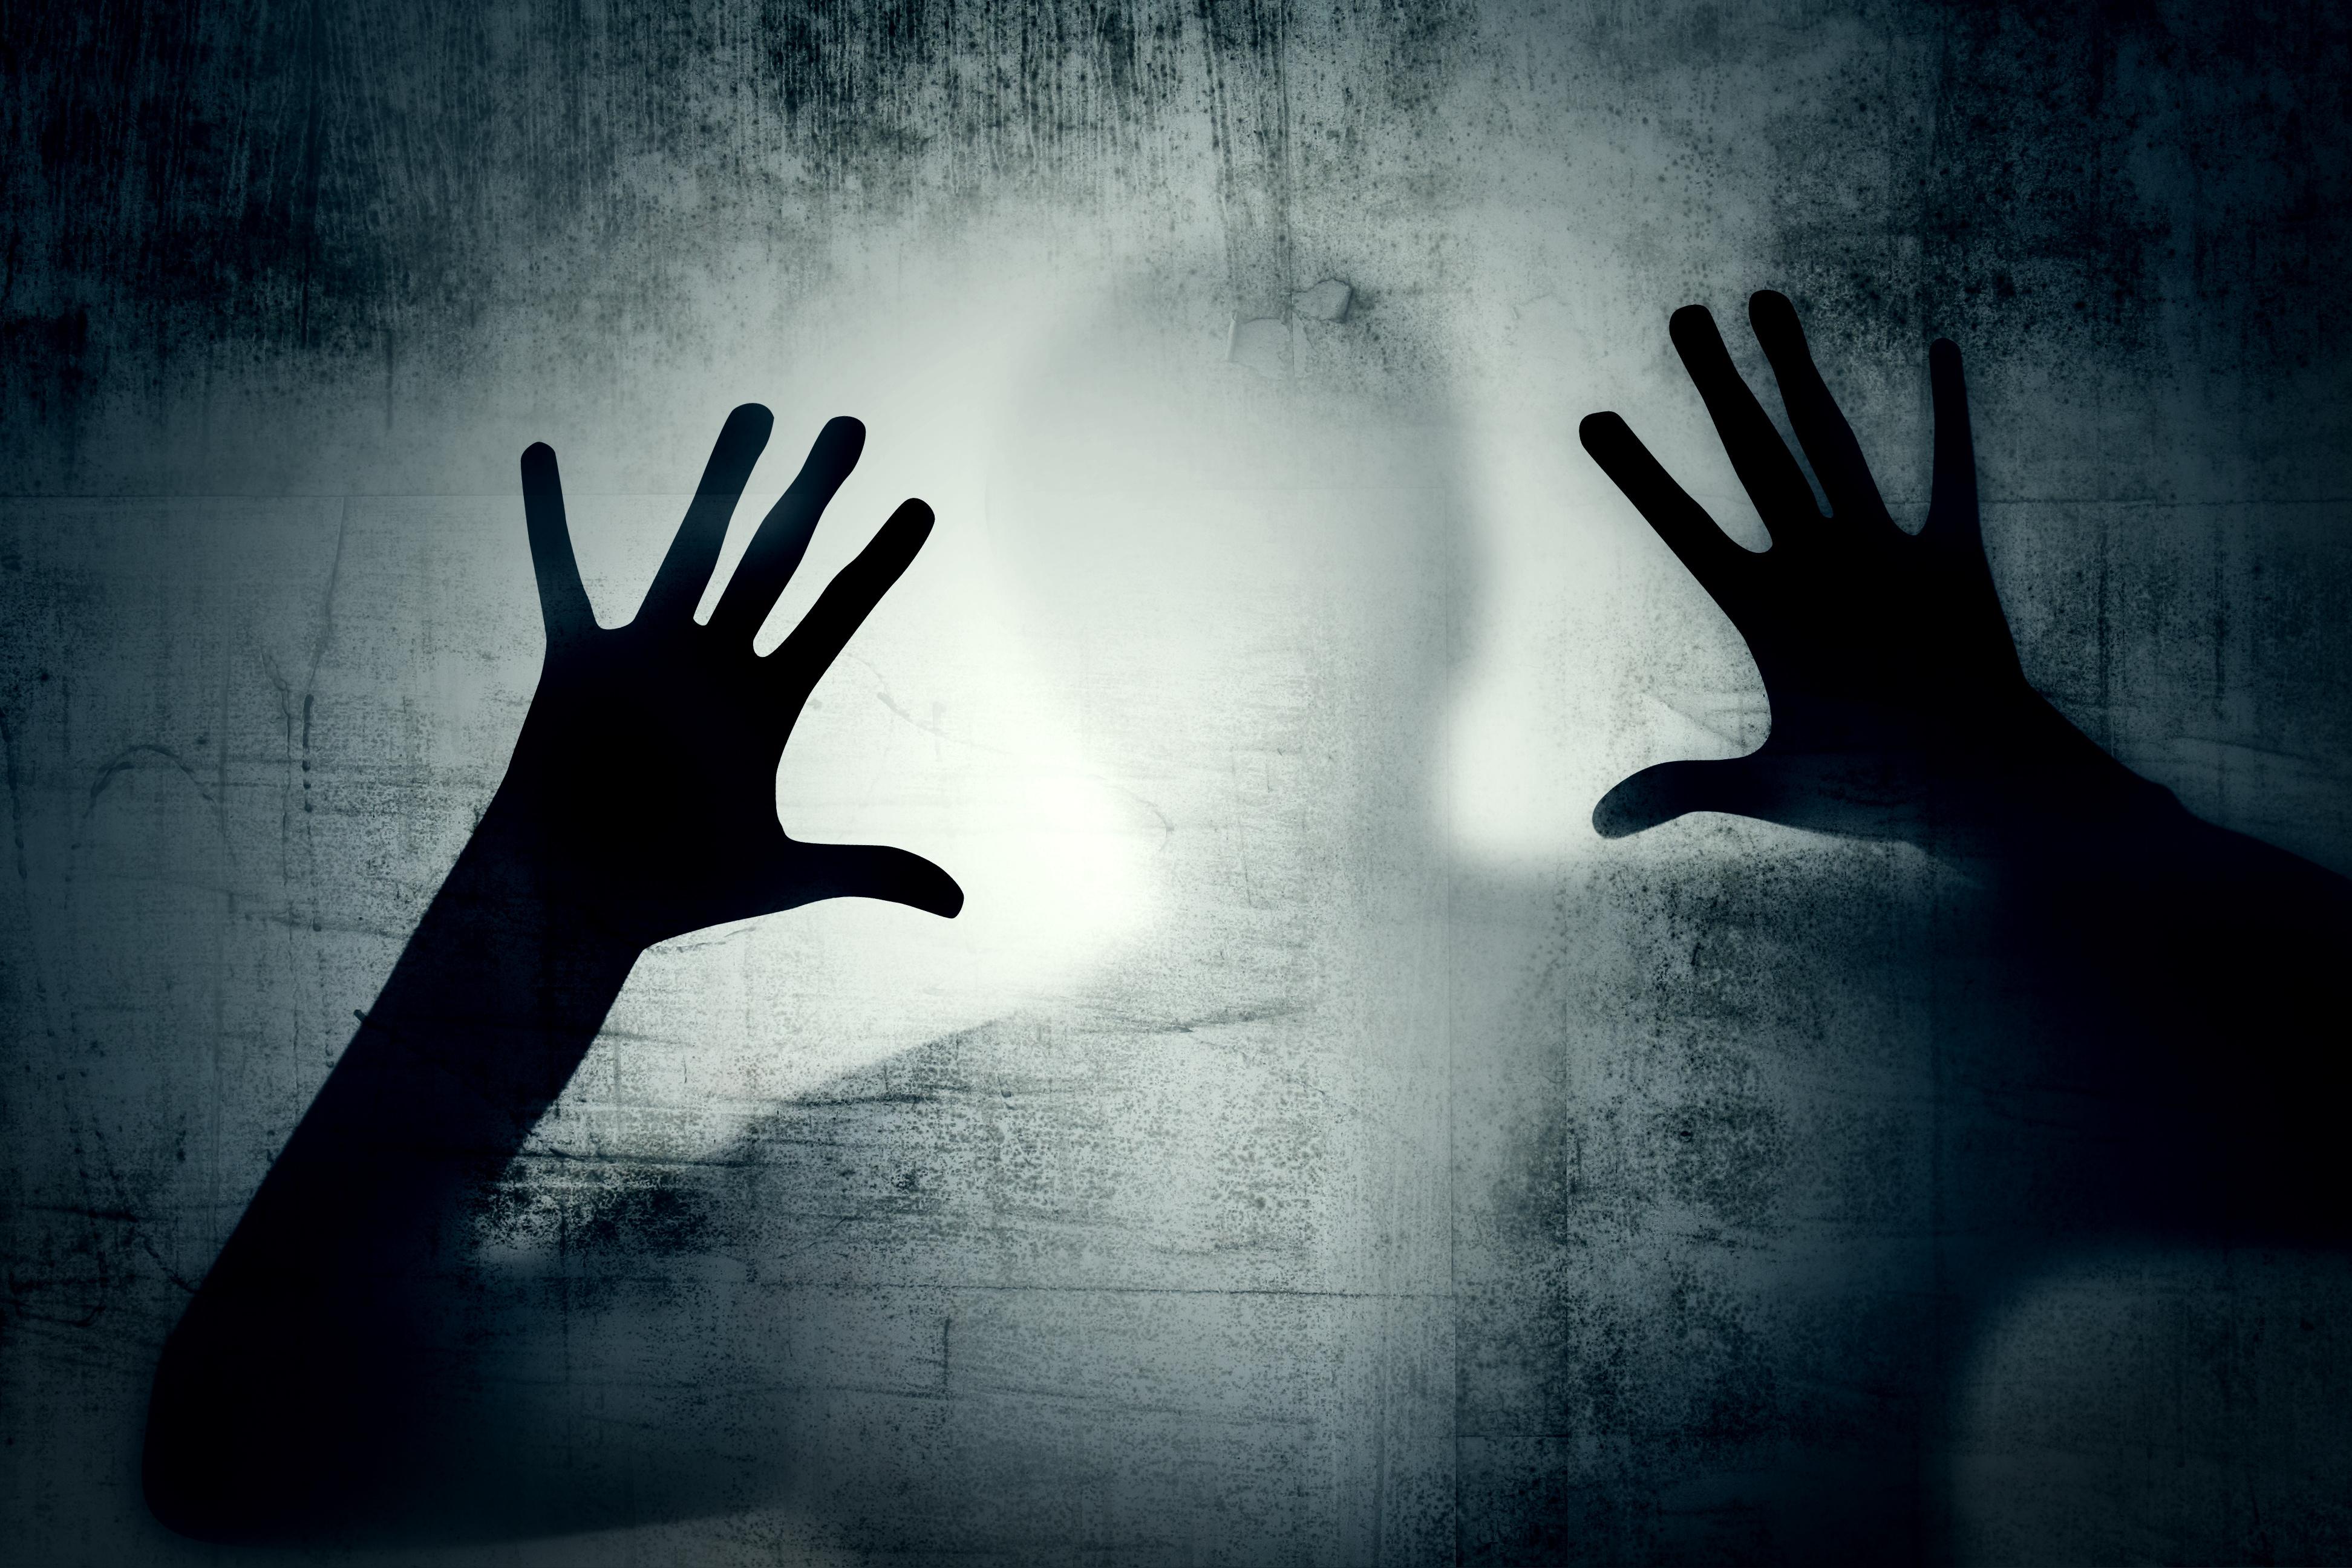 Vì sao khi bị cưỡng hiếp hoặc bắt cóc, chị em thường cứng đơ người, la hét cũng không thể?